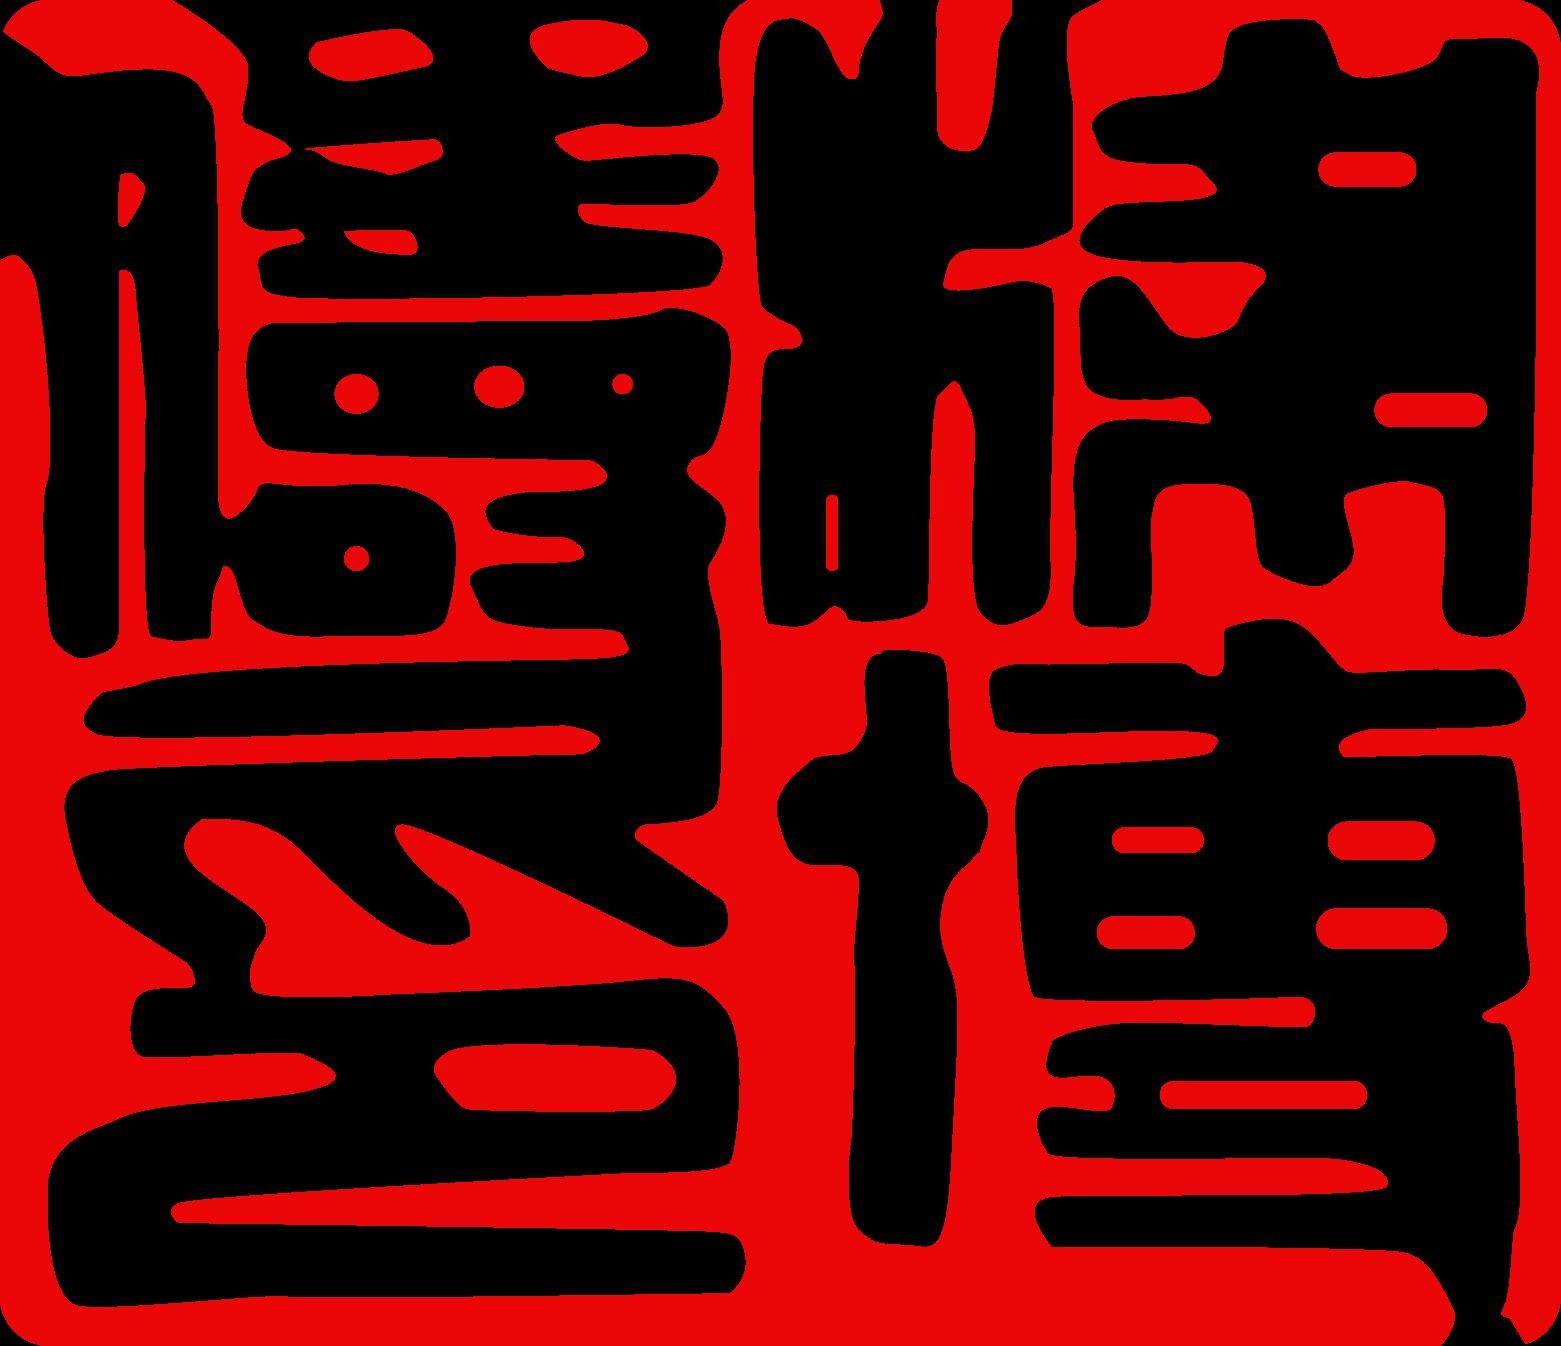 leung bok toa chop.png